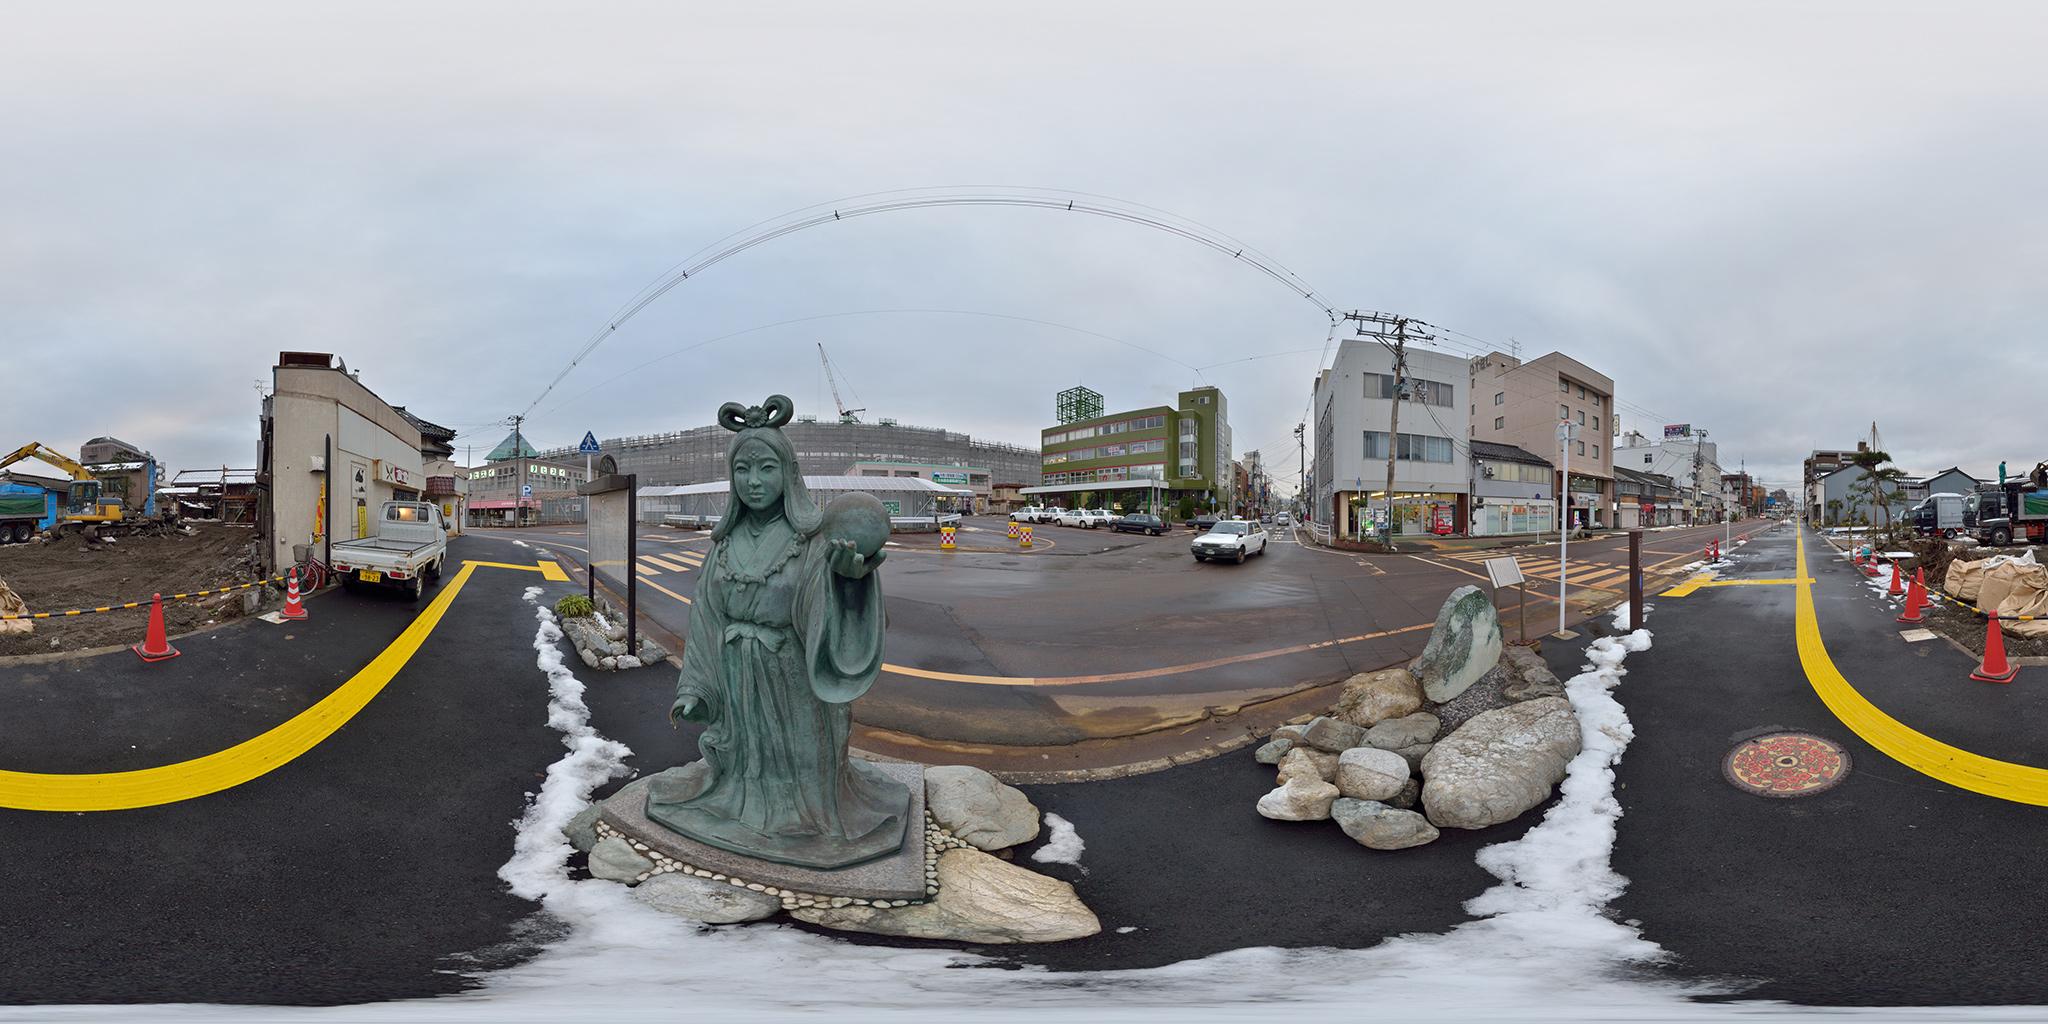 2013年1月の糸魚川駅前風景